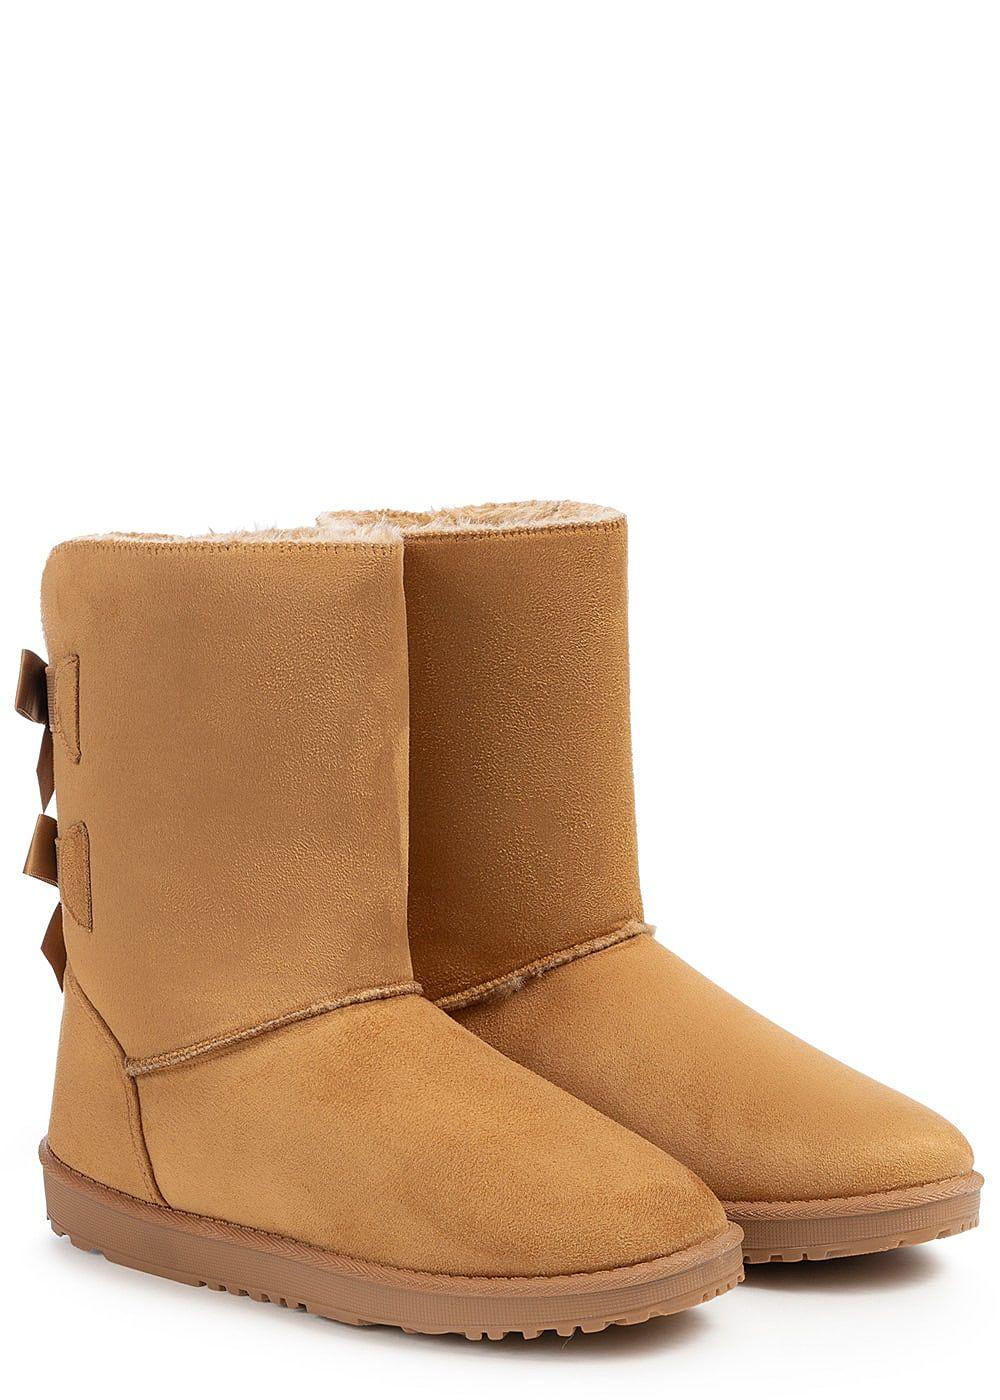 51cc43637a0c4e Seventyseven Lifestyle Damen Schuh Winter Boots Schleifen Kunstleder ...